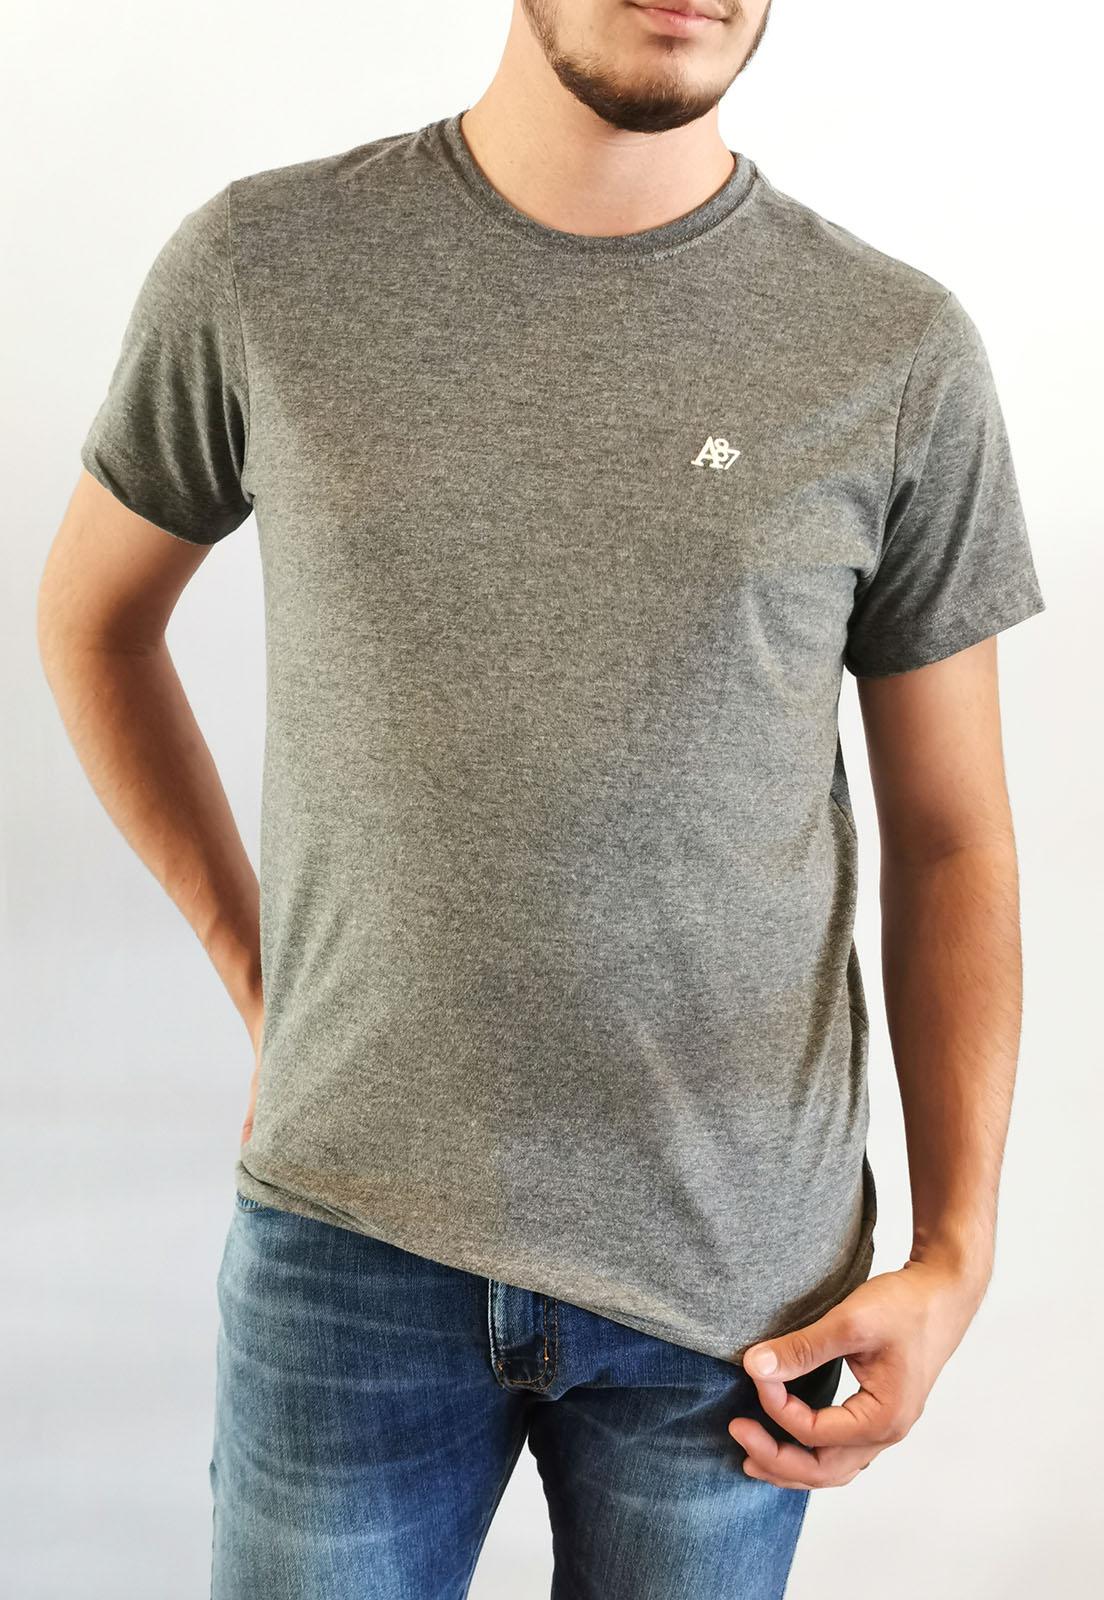 Camiseta Aéropostale Mescla Escuro